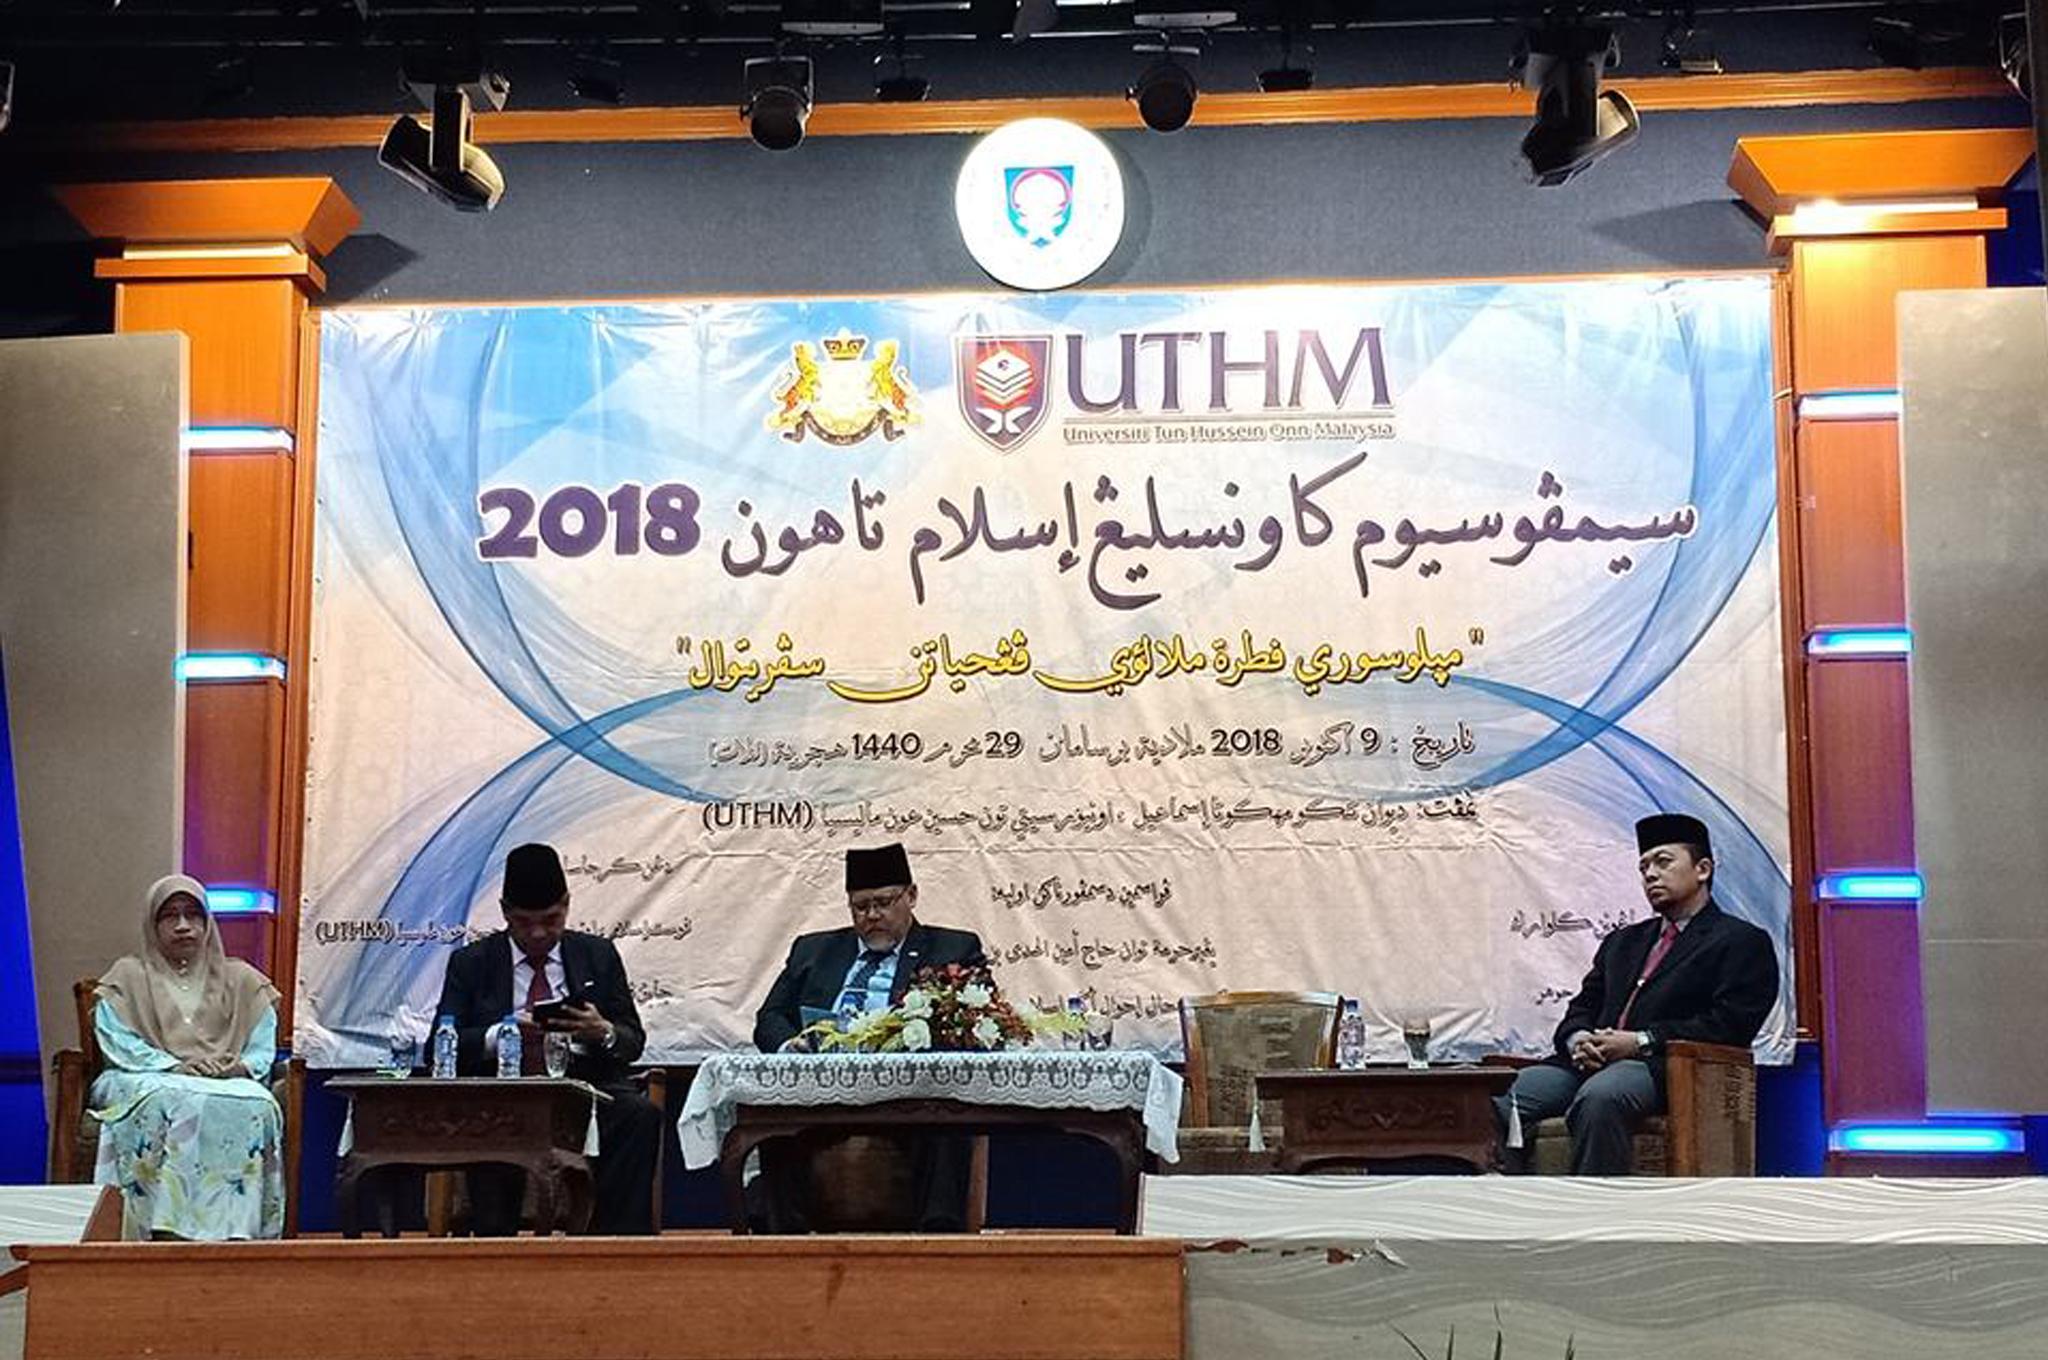 Simposium Kaunseling Islam 2018 anjuran Bahagian Pembangunan Keluarga Jabatan Agama Johor & Pusat Islam UTHM pada 09 Oktober 2018